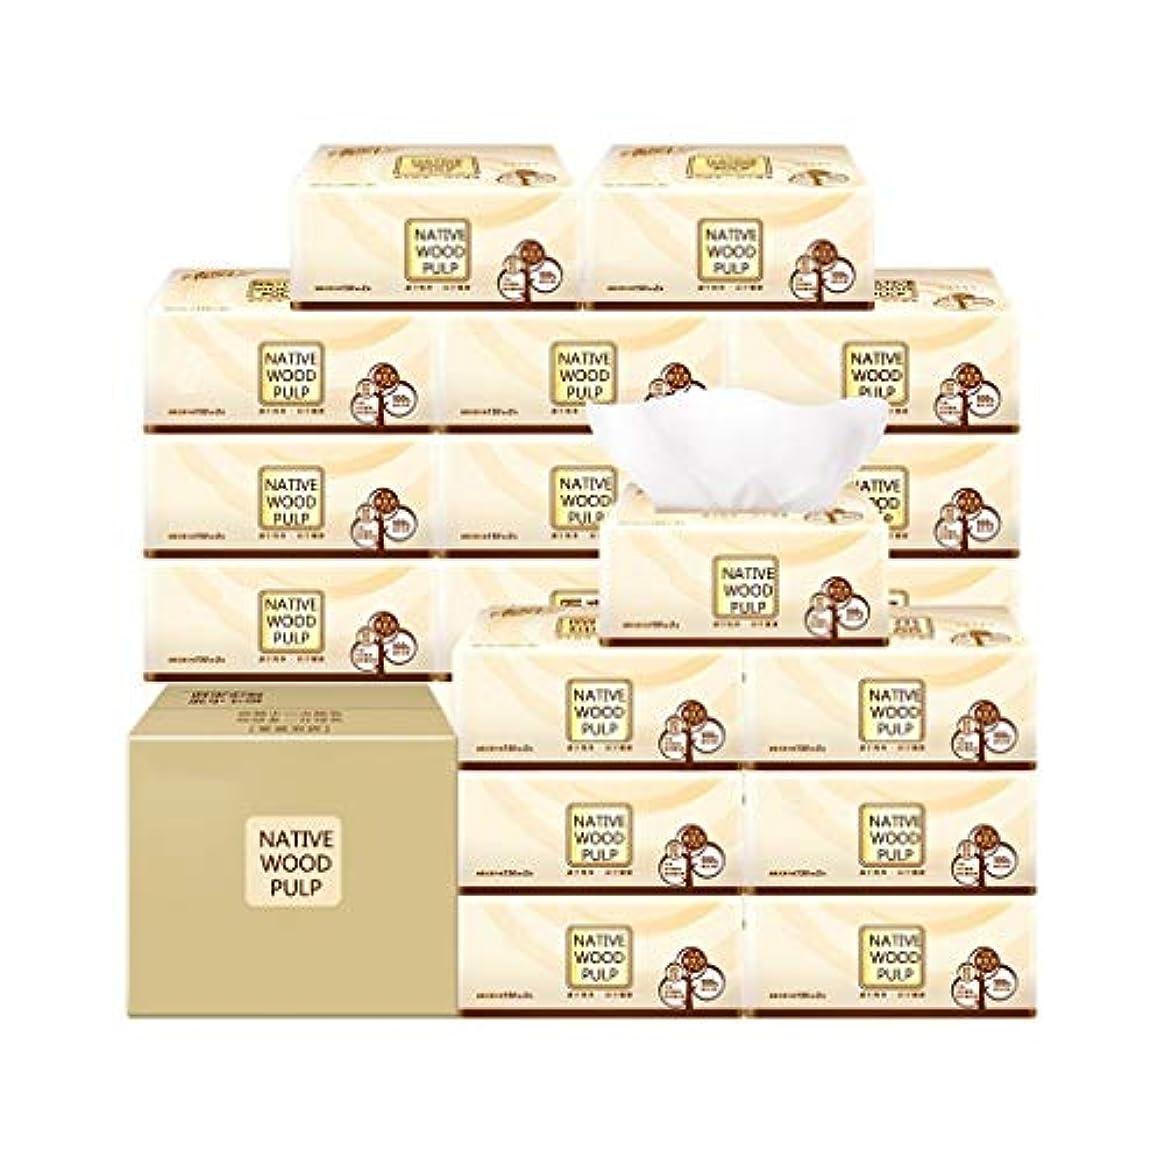 ソート気味の悪い脇に2枚のトイレットペーパー、20枚の天然ペーパータオル、安全なトイレットペーパー、C折り畳みペーパータオル、ペーパータオルディバイダーを使用する必要はありません